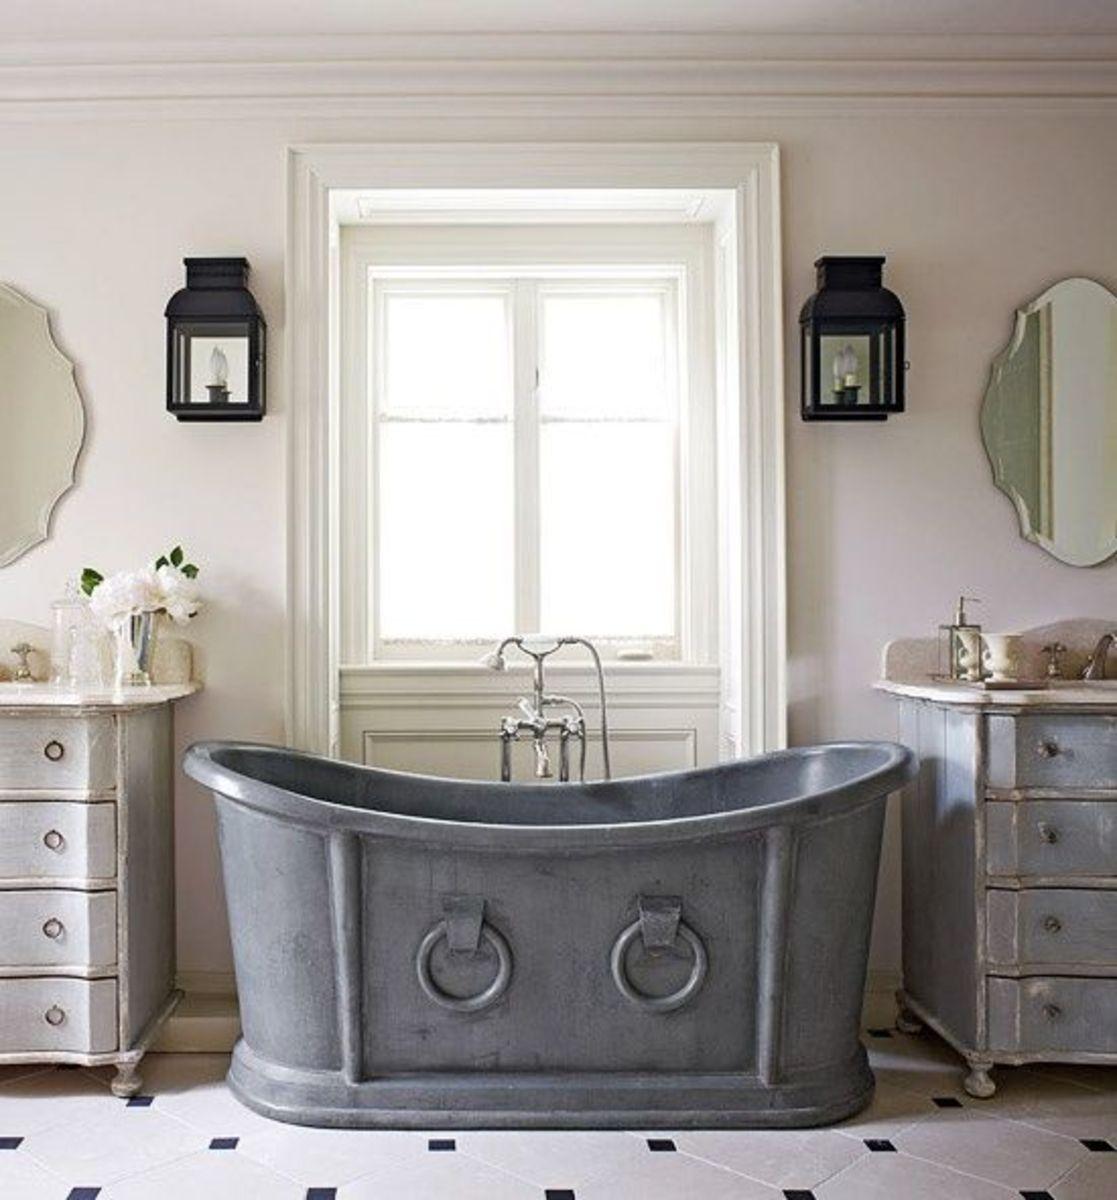 Salle de bain esprit rétro | Sarodis